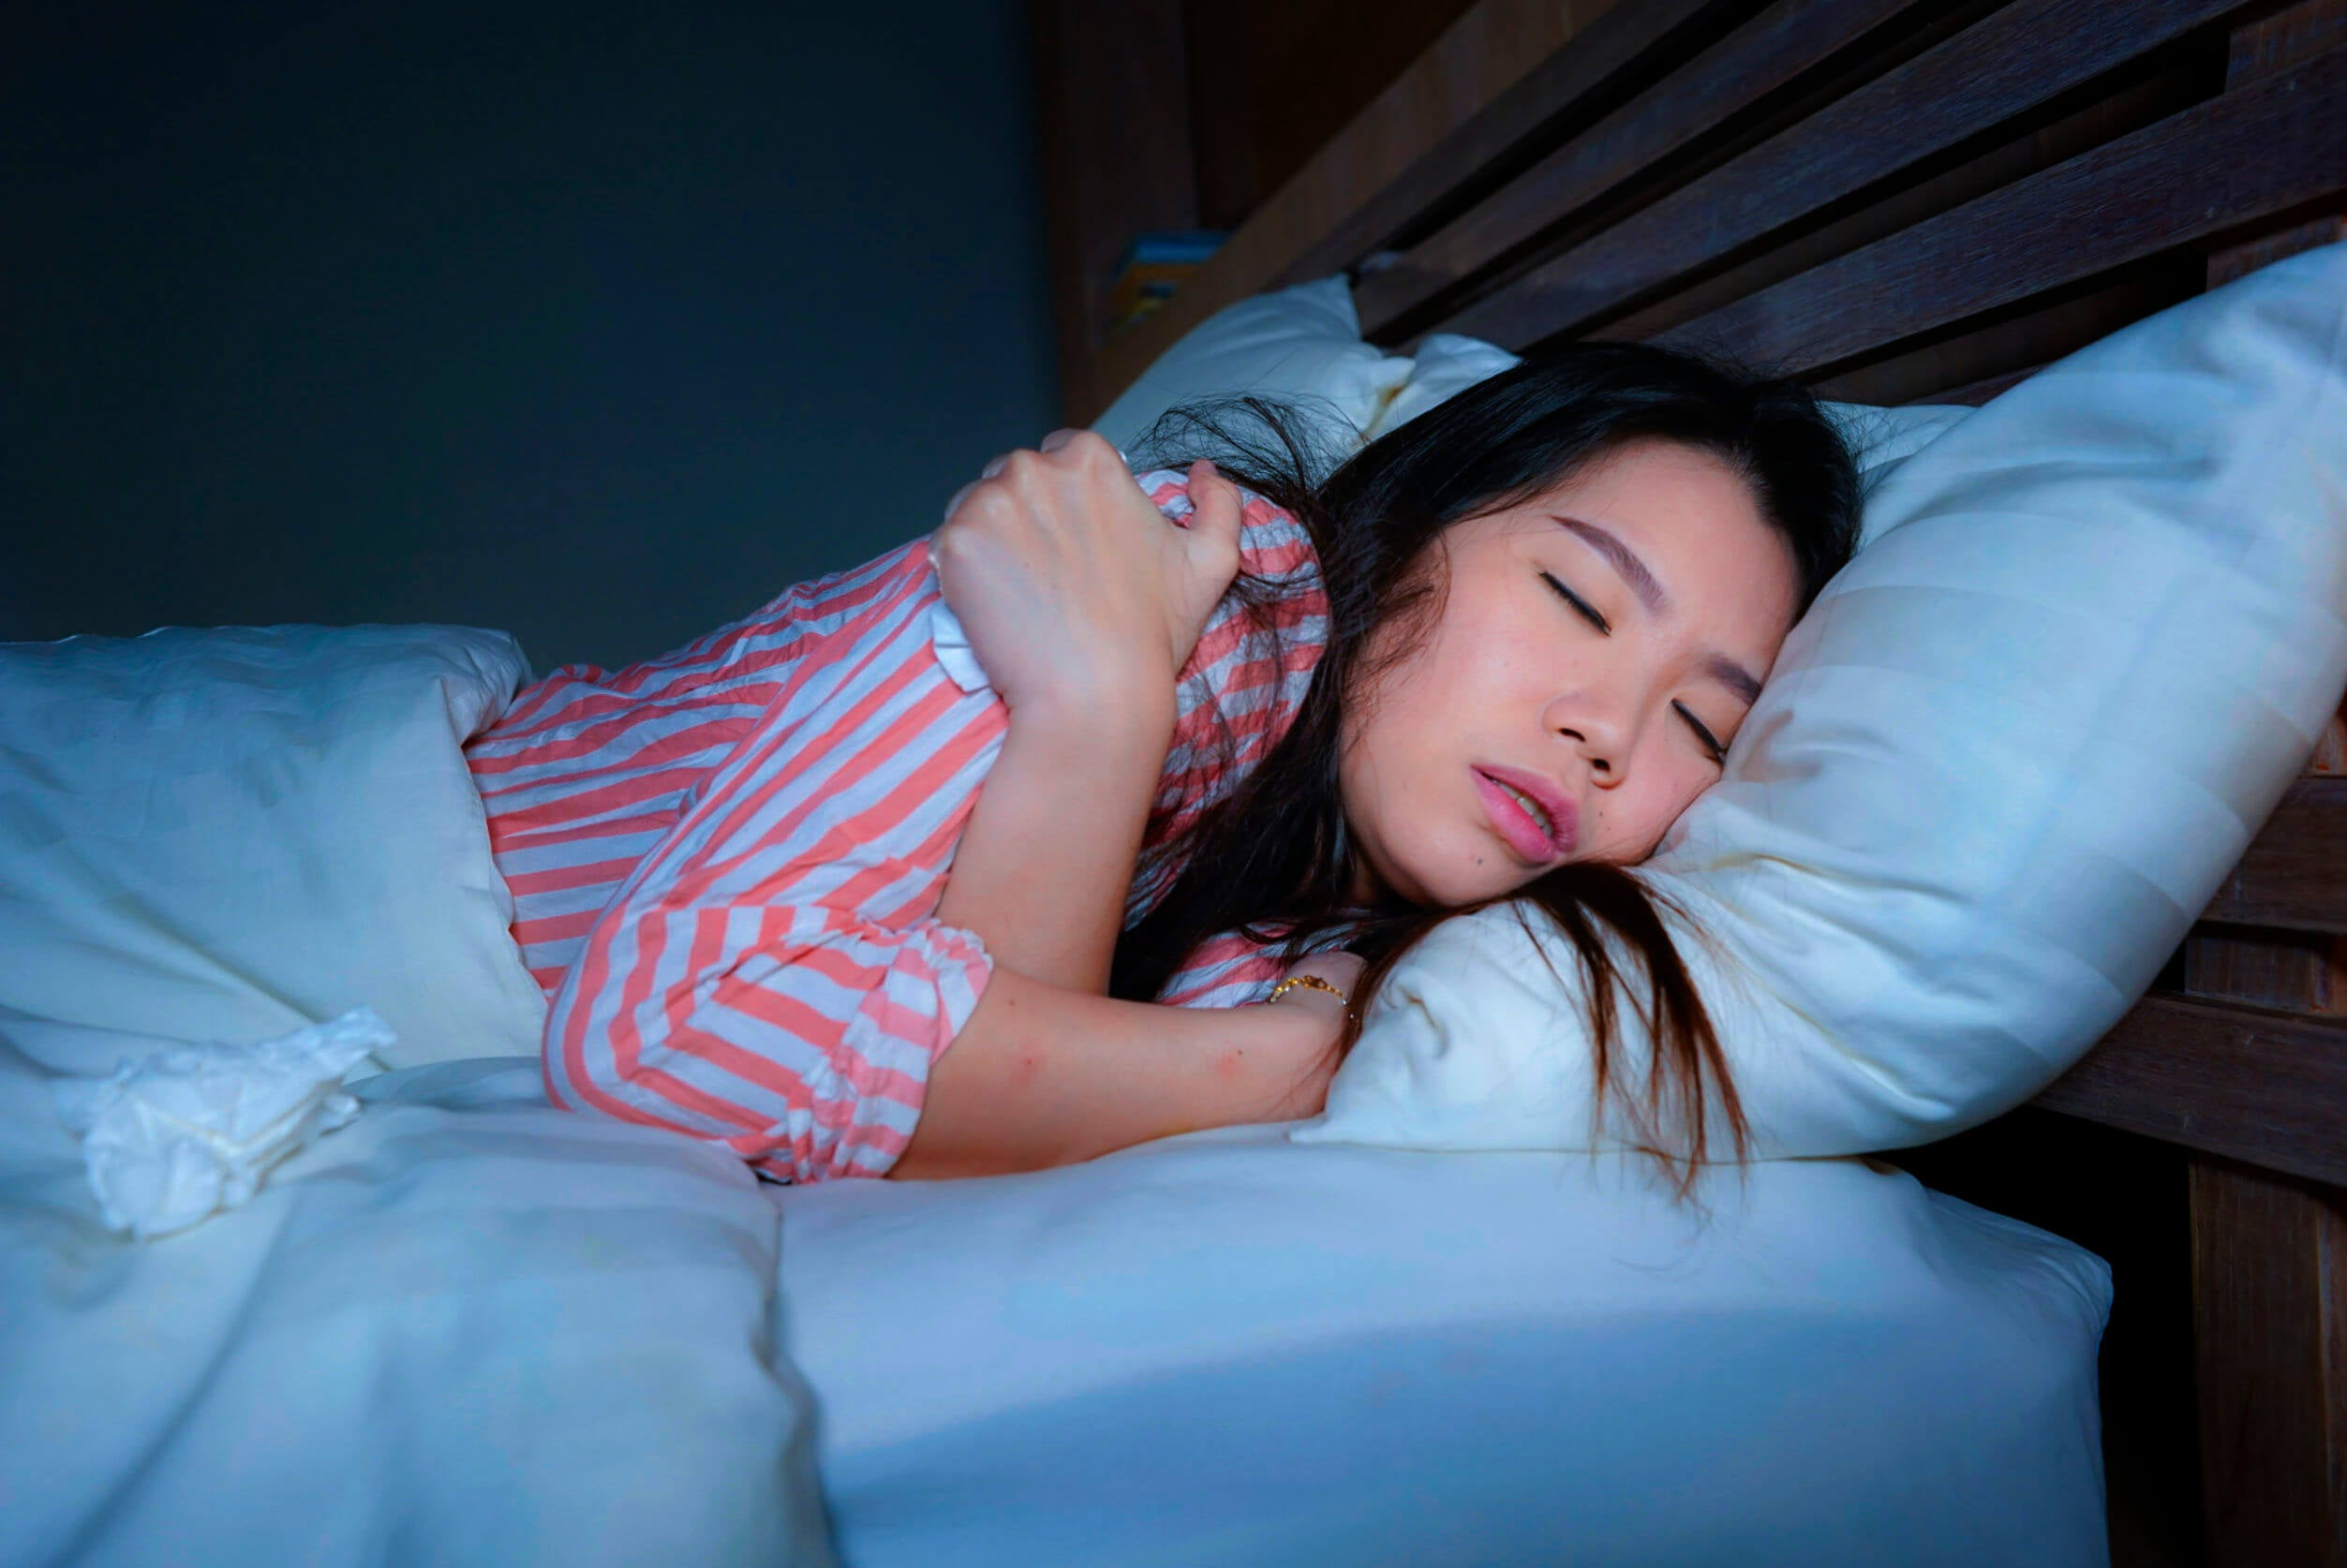 Mala posición al dormir.